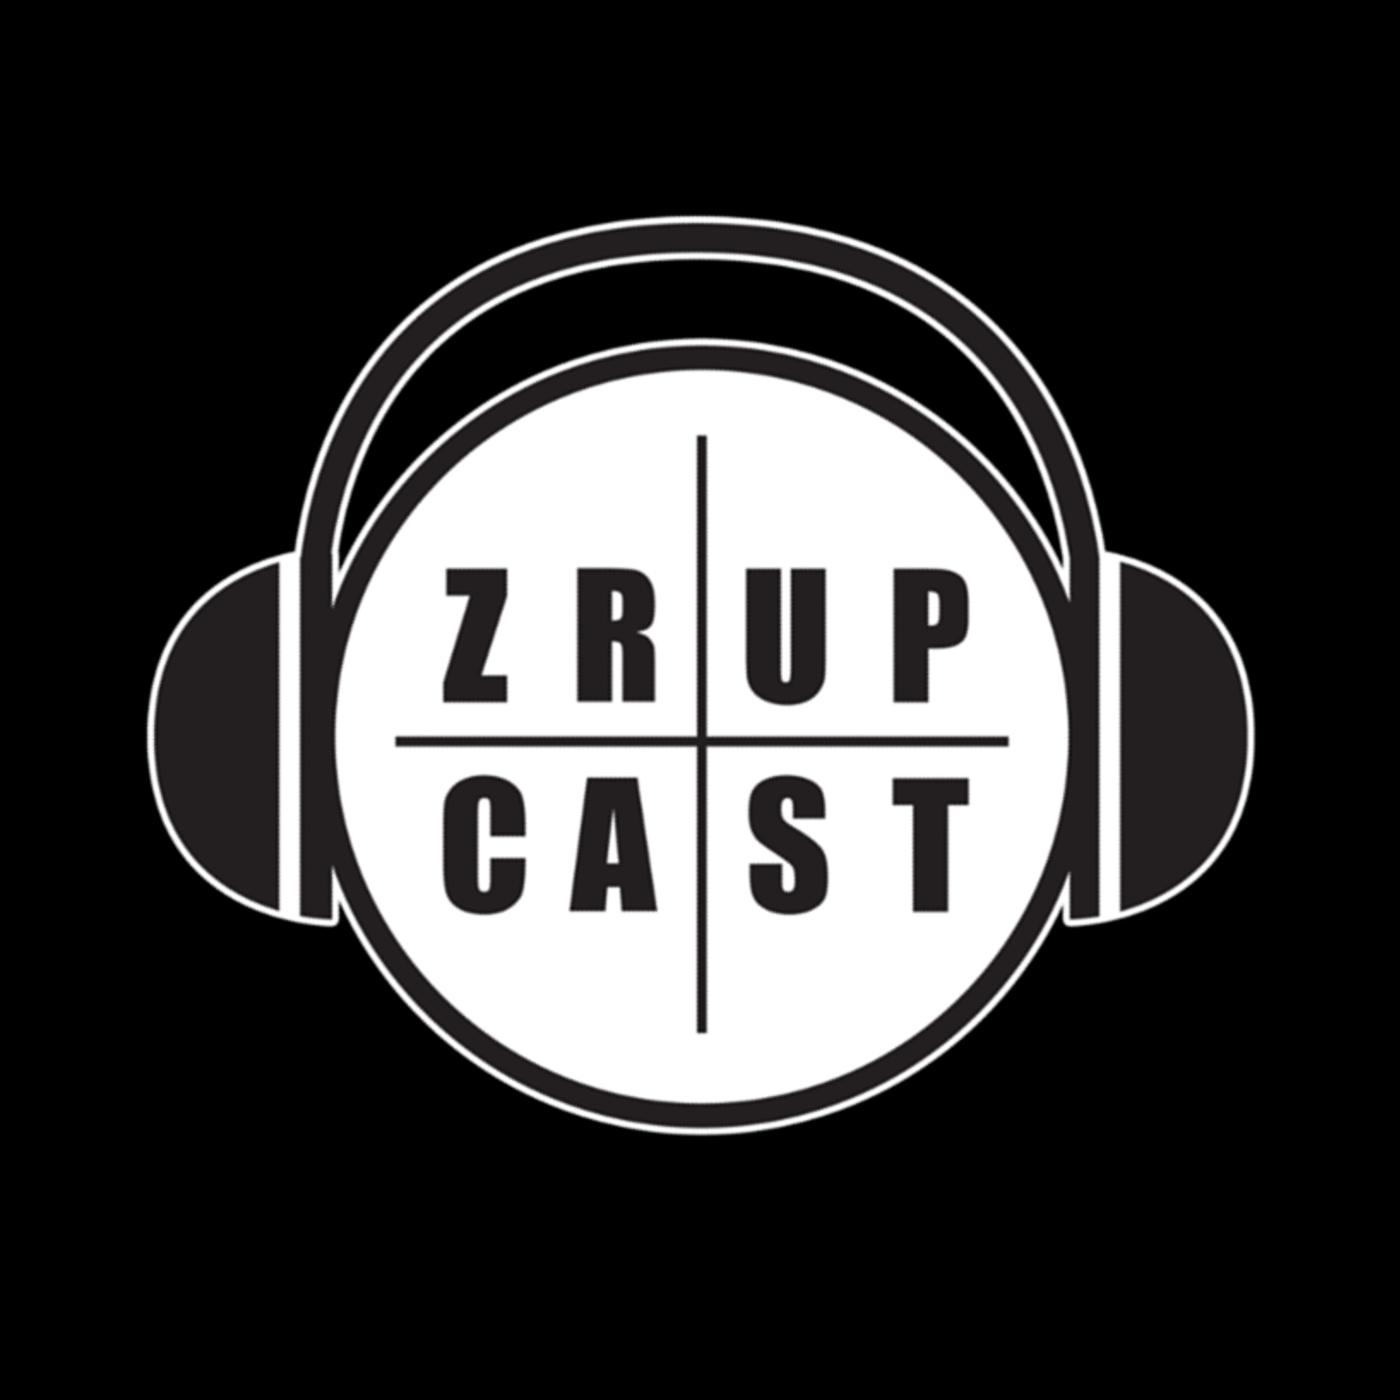 Przeciętność jest bezcenna | Maciej Małek | ZRUPcast #47